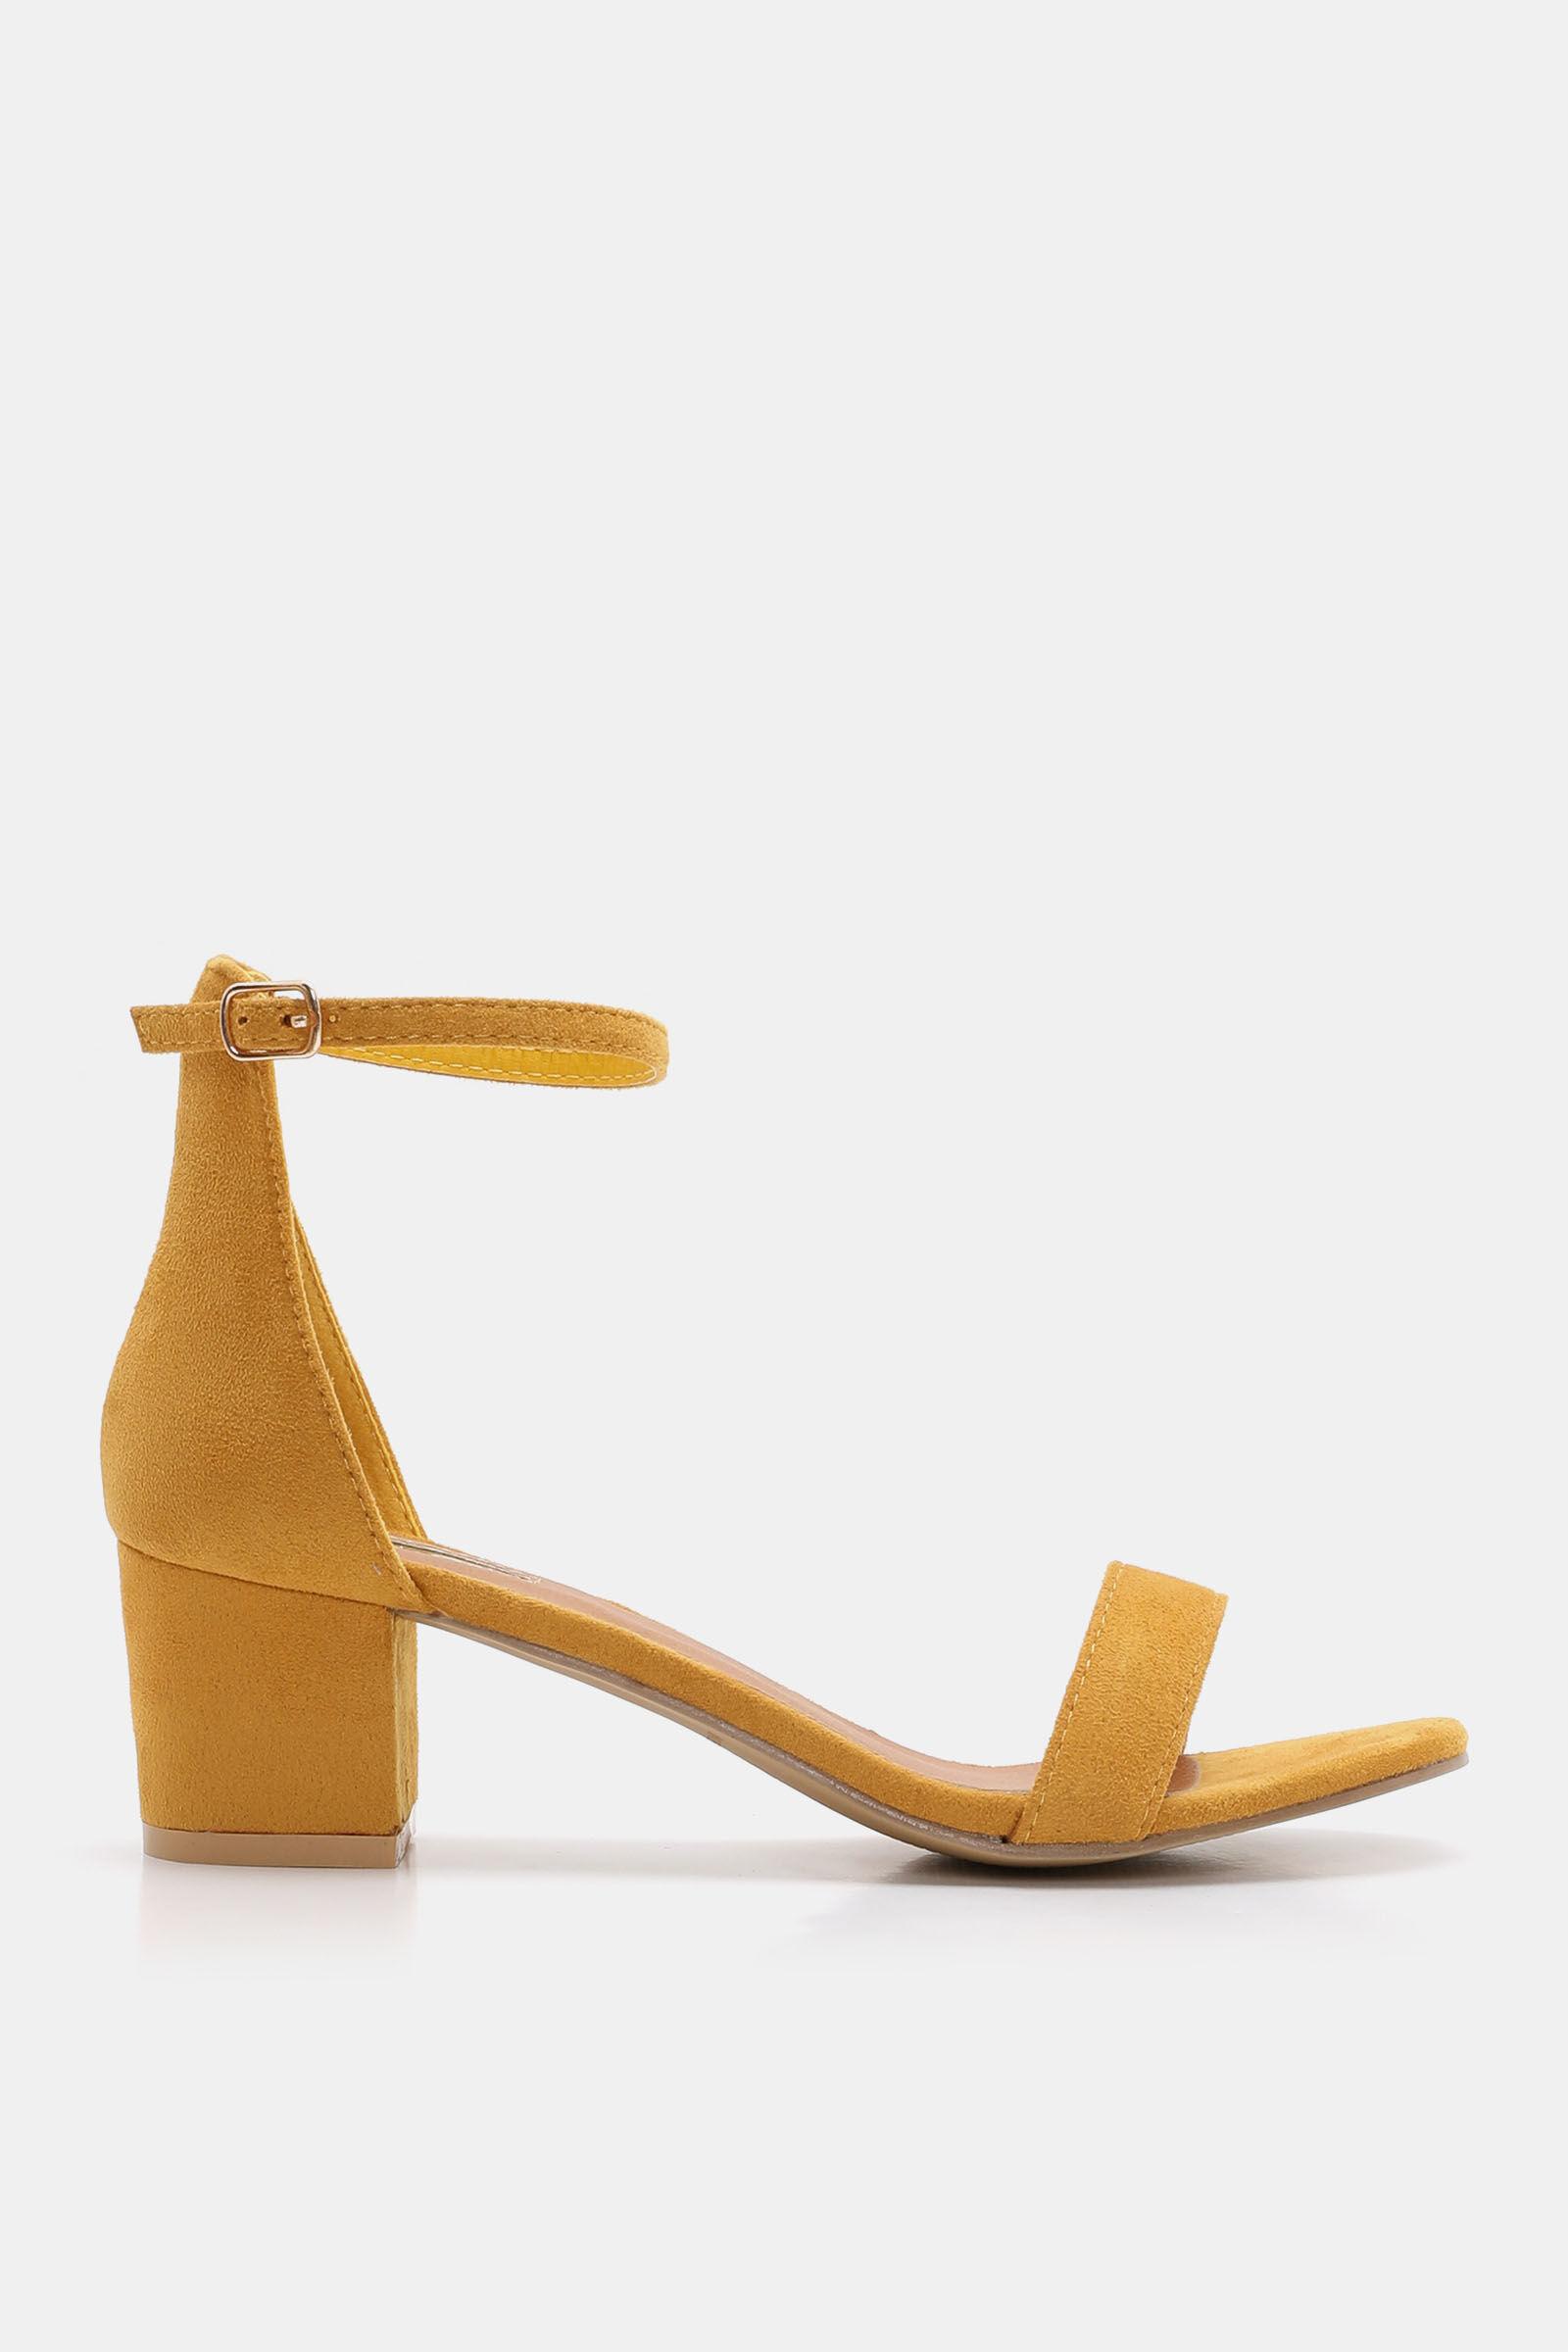 Chaussures FemmeArdène Chaussures Pour Chaussures Chaussures FemmeArdène Pour Pour FemmeArdène Chaussures Pour FemmeArdène tCxhrdBsQ